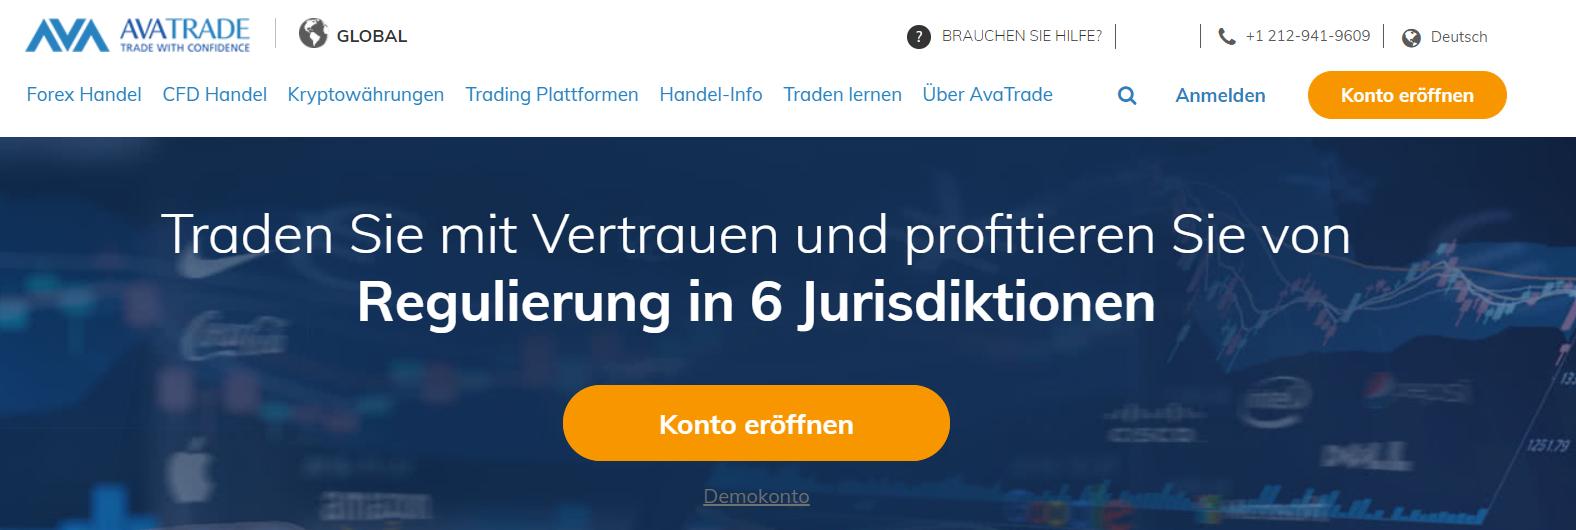 kann ich zunächst einen ava fx demo account beantragen? lenovo aktie 6 informationen für trader